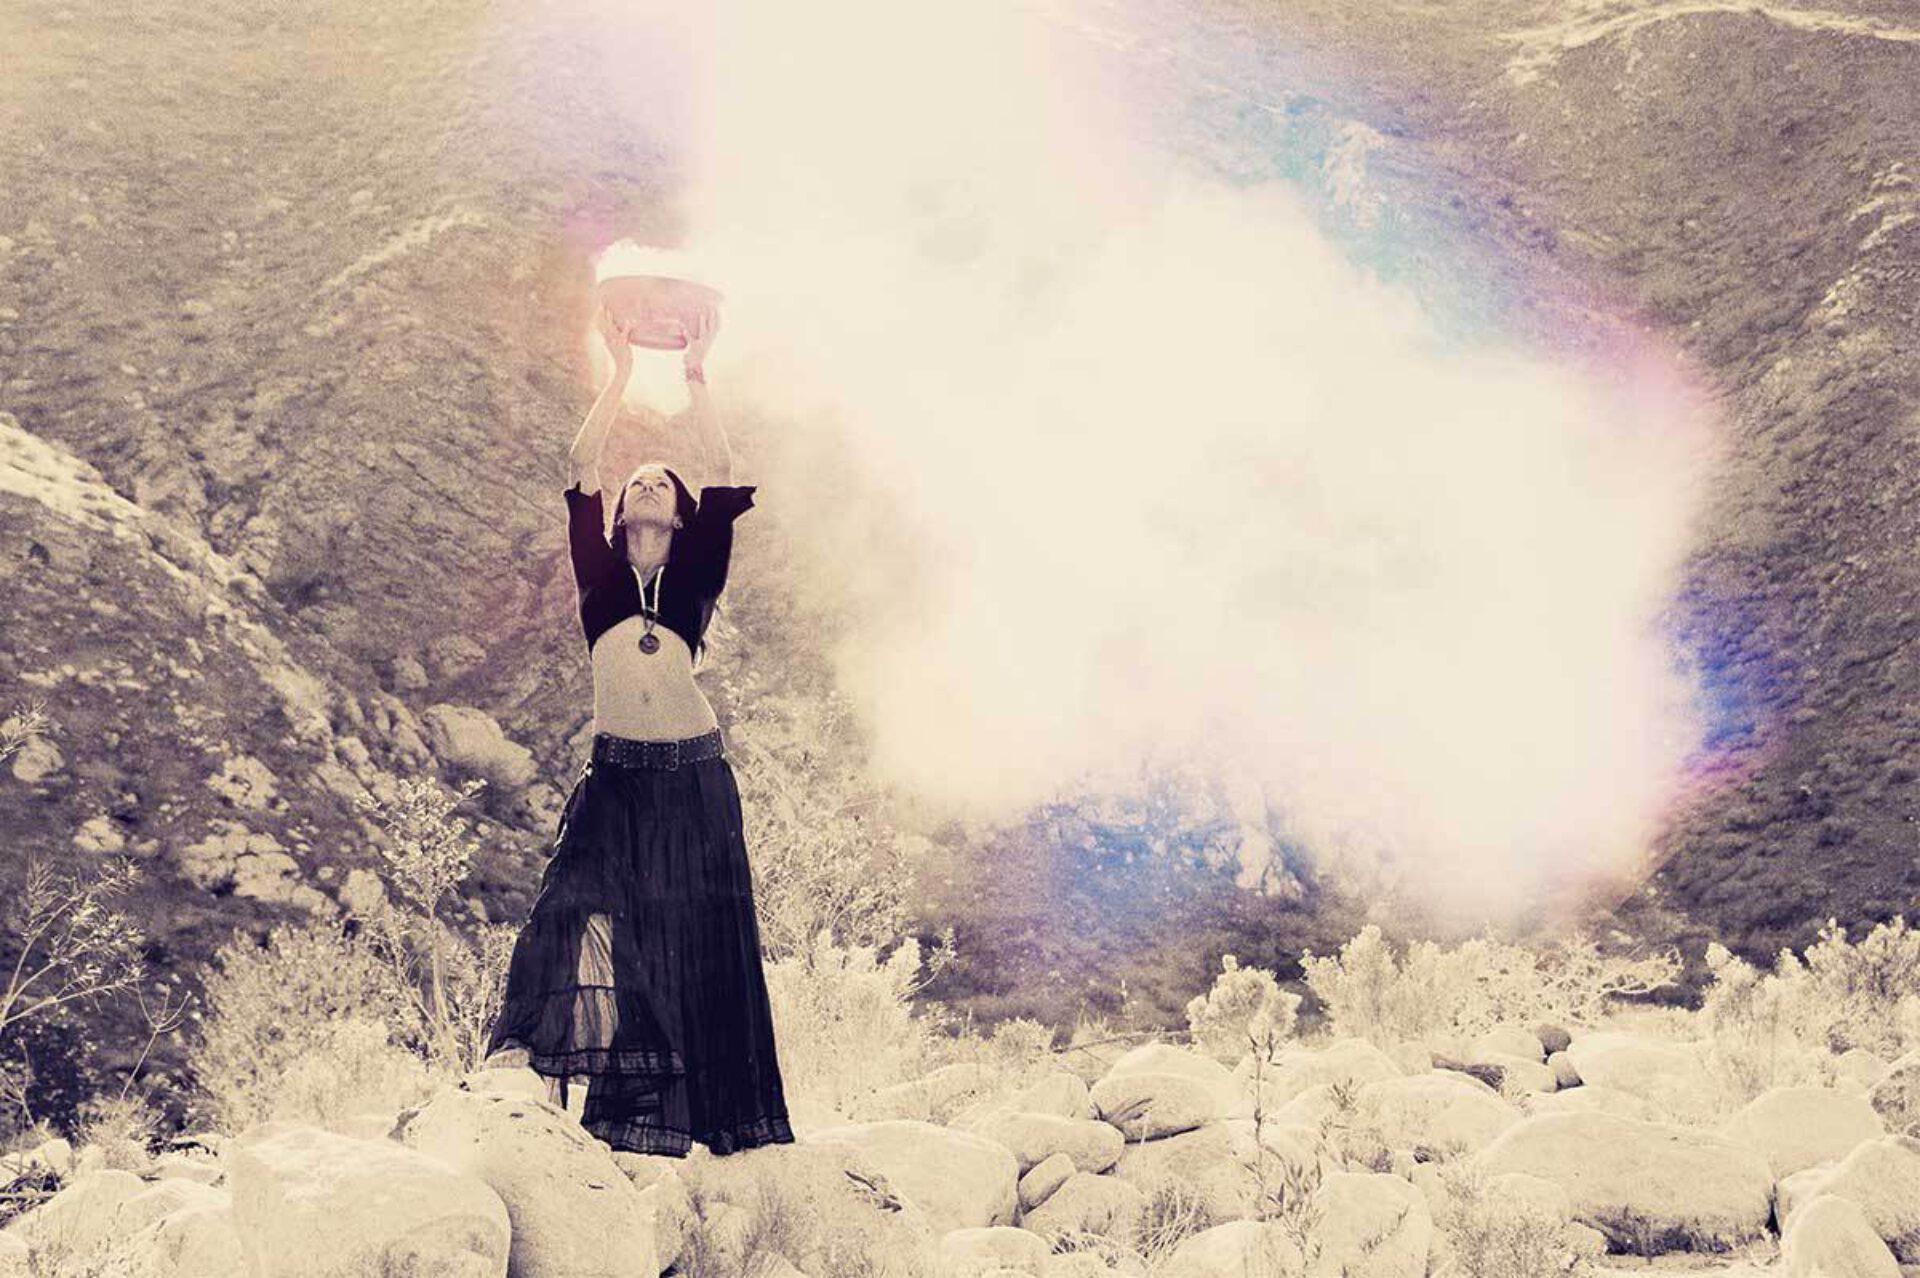 Wicca Jaarfeest Ostara (21 maart) – Het zonlicht wint aan kracht